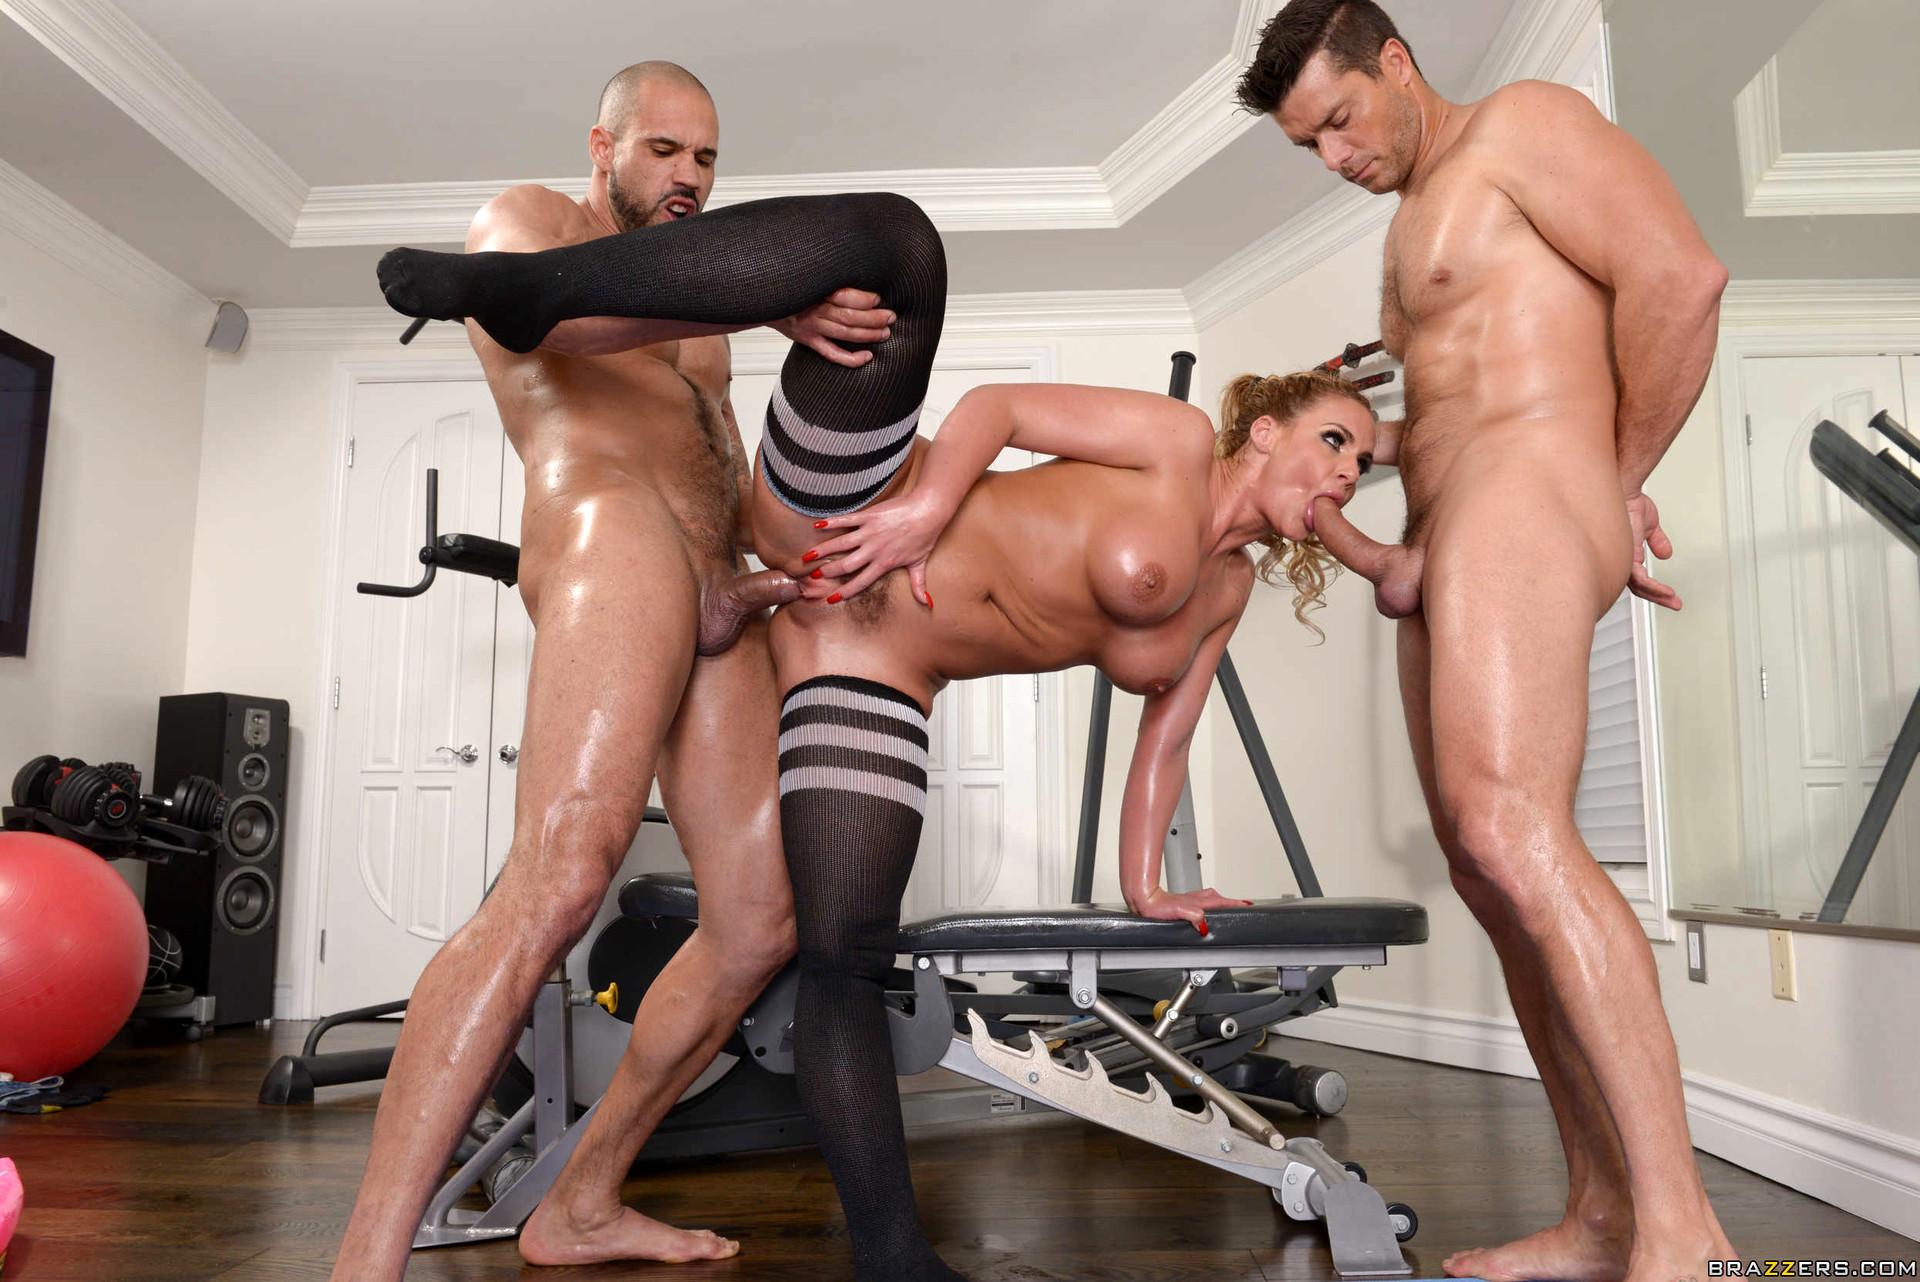 что девочки два мужика и телка в спортзале другим данным, автором